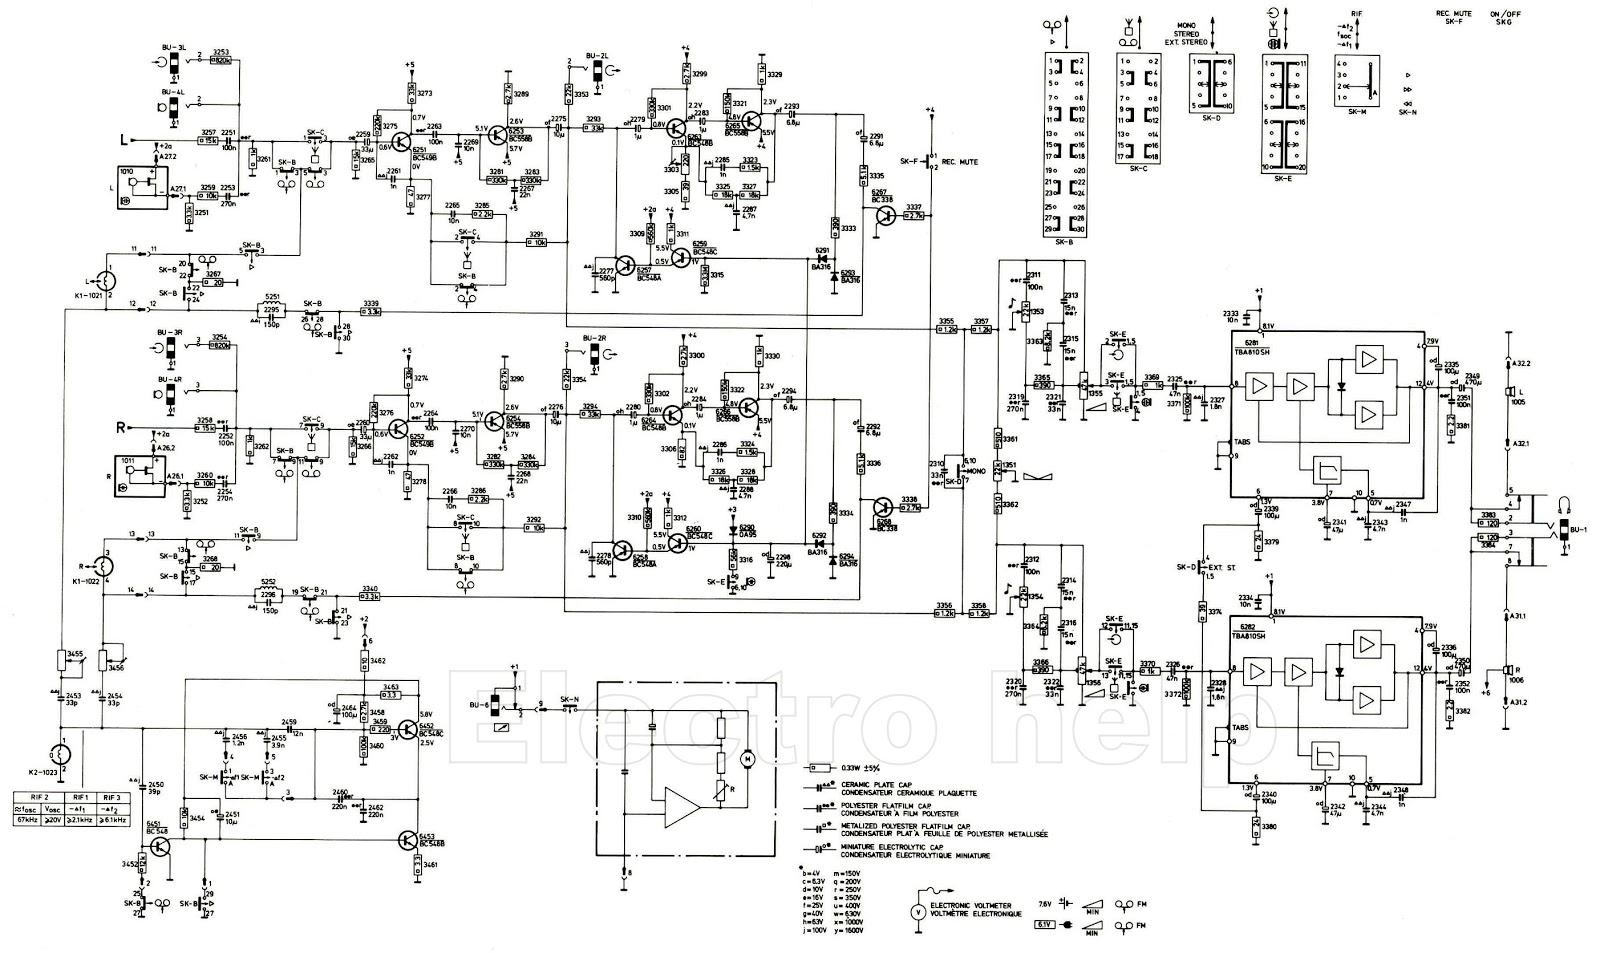 philips radio diagram